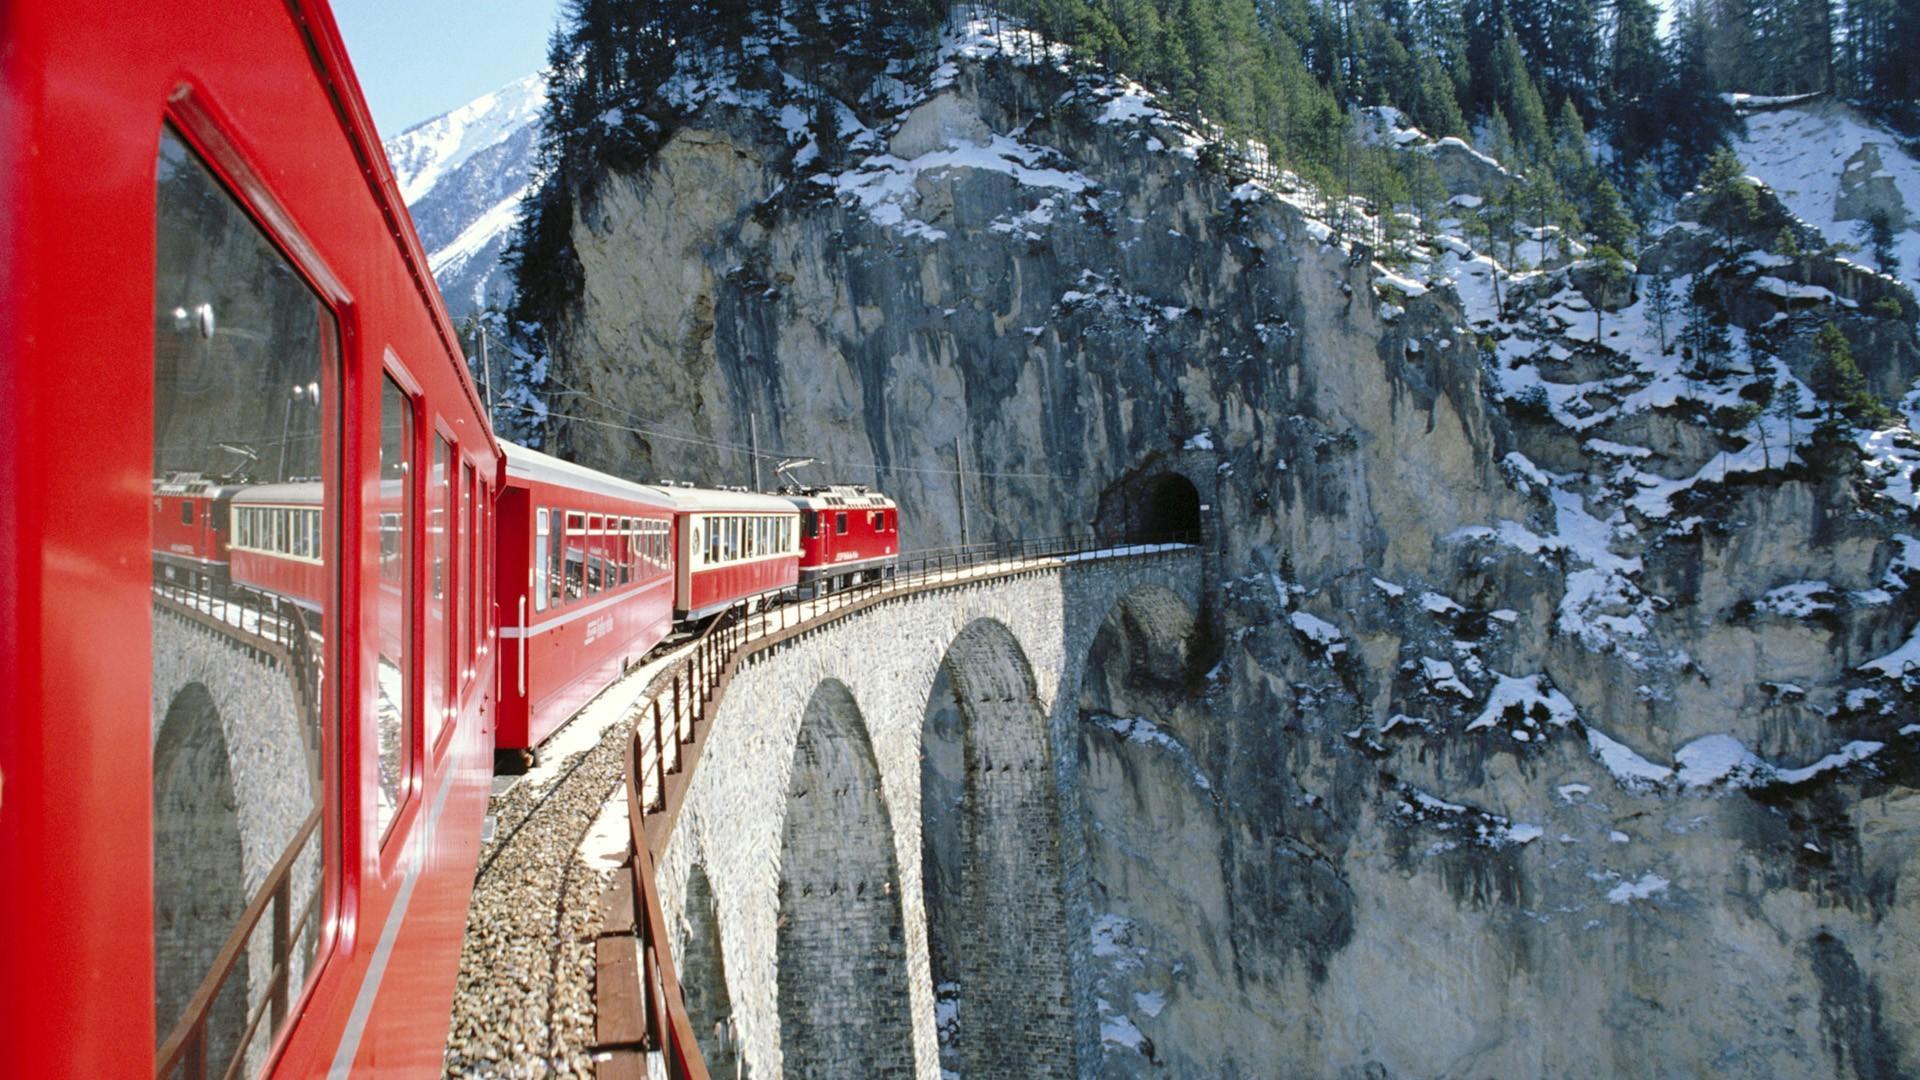 Через Альпы на поезде: самые красивые маршруты